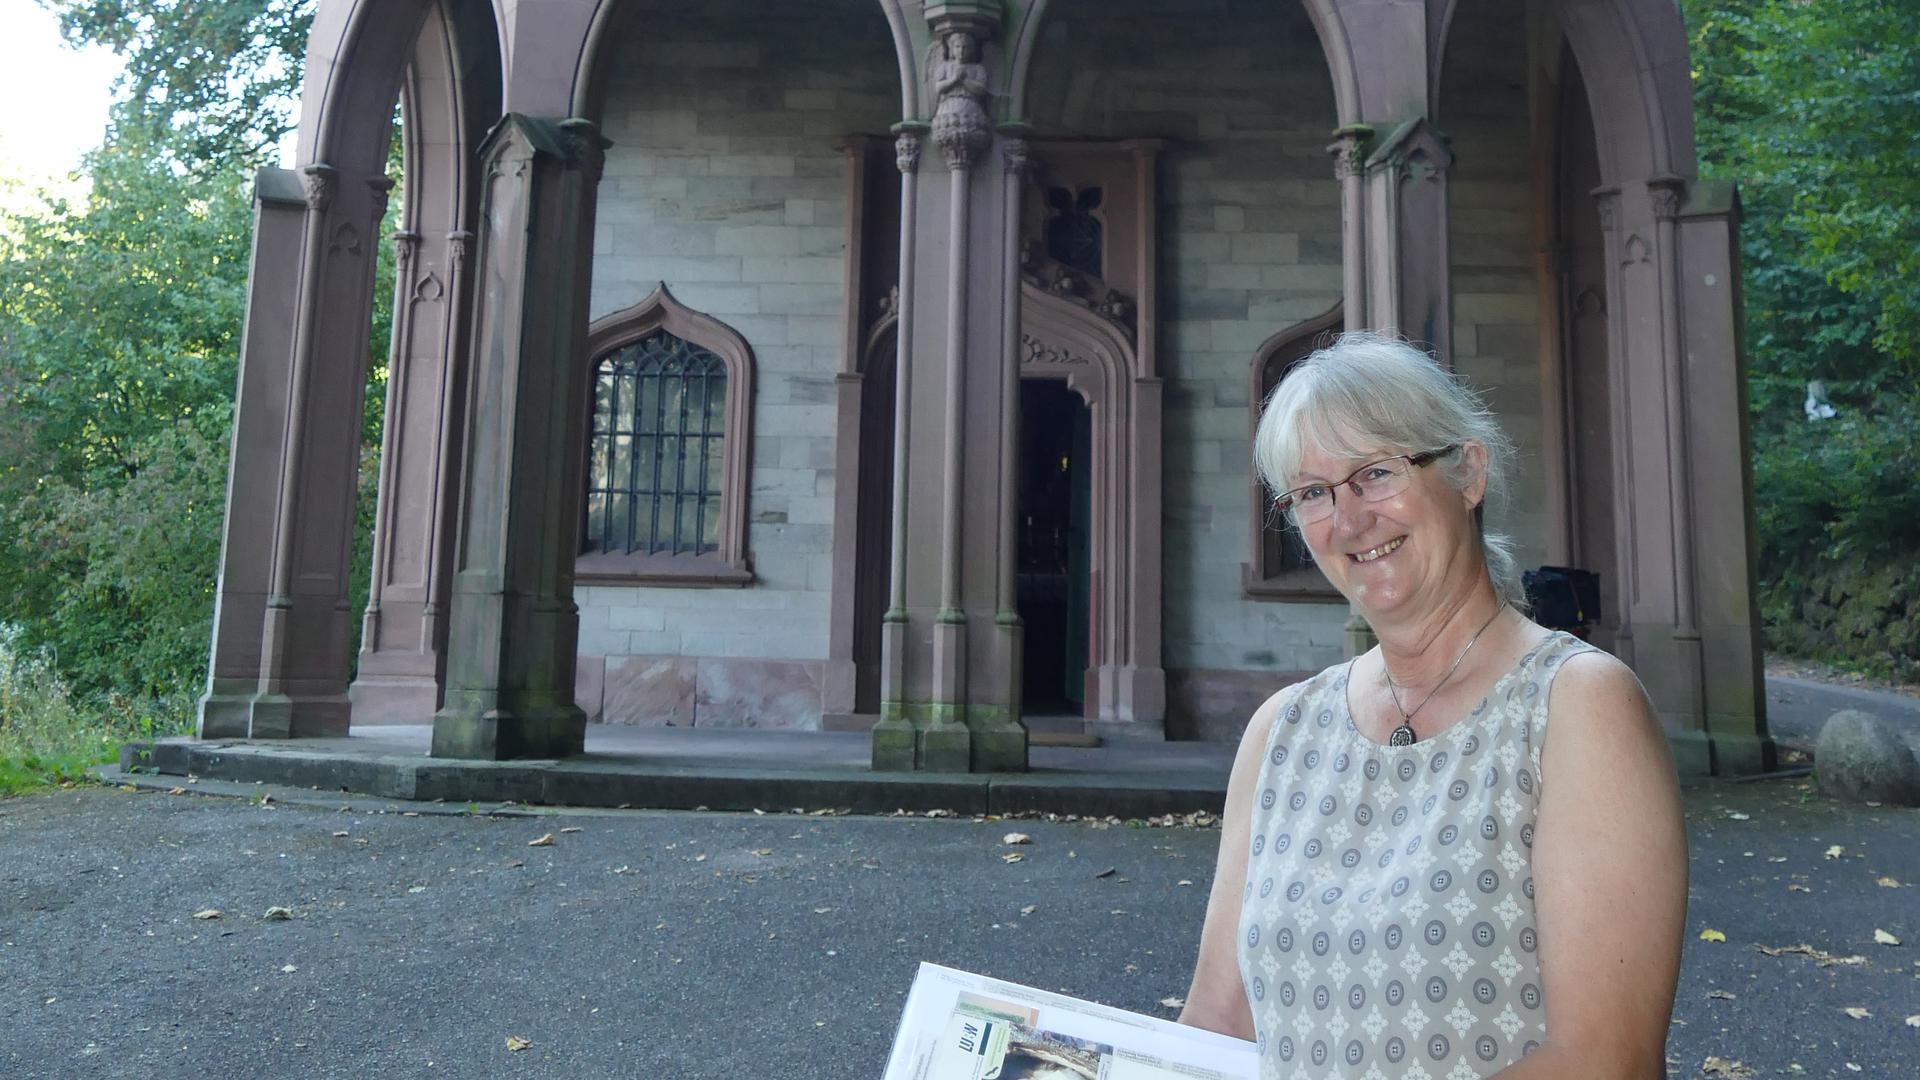 Frau vor einer Kapelle, mit einem Buch in den Händen